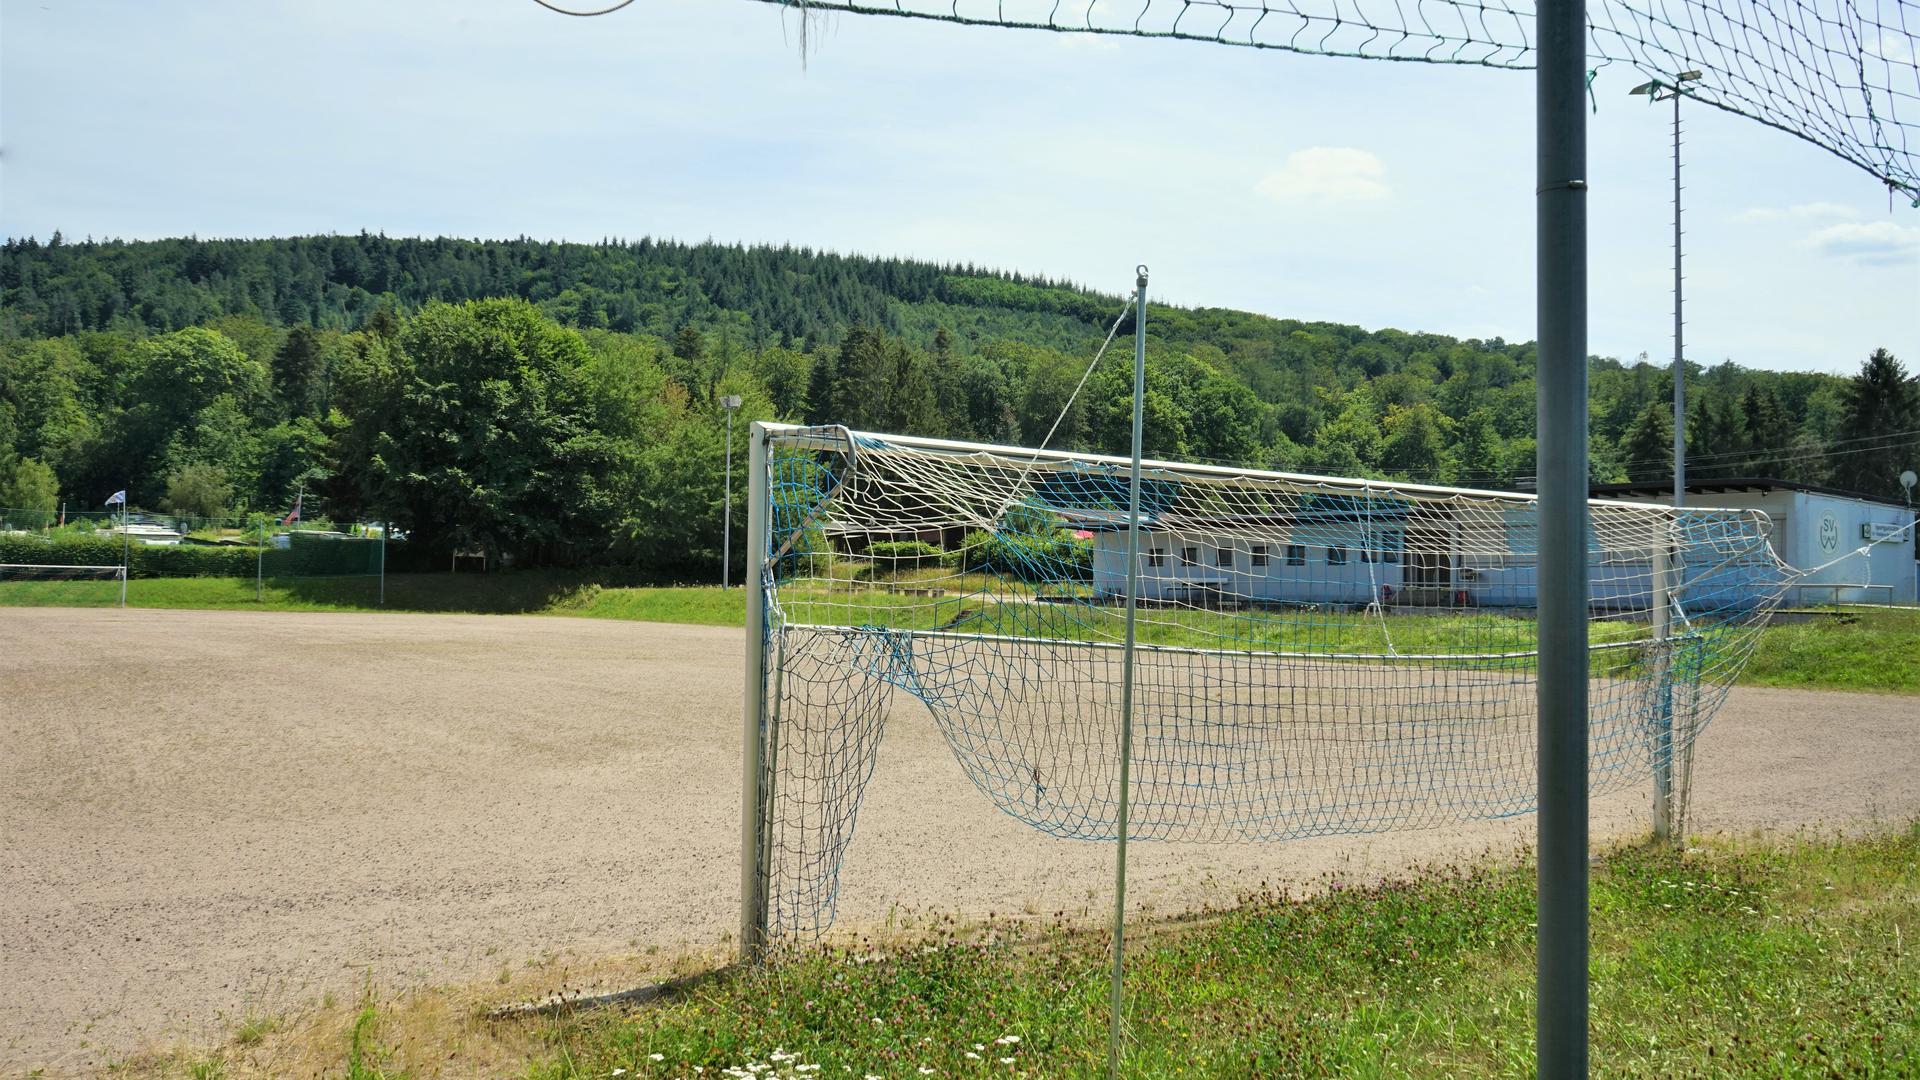 Fußball-Platz